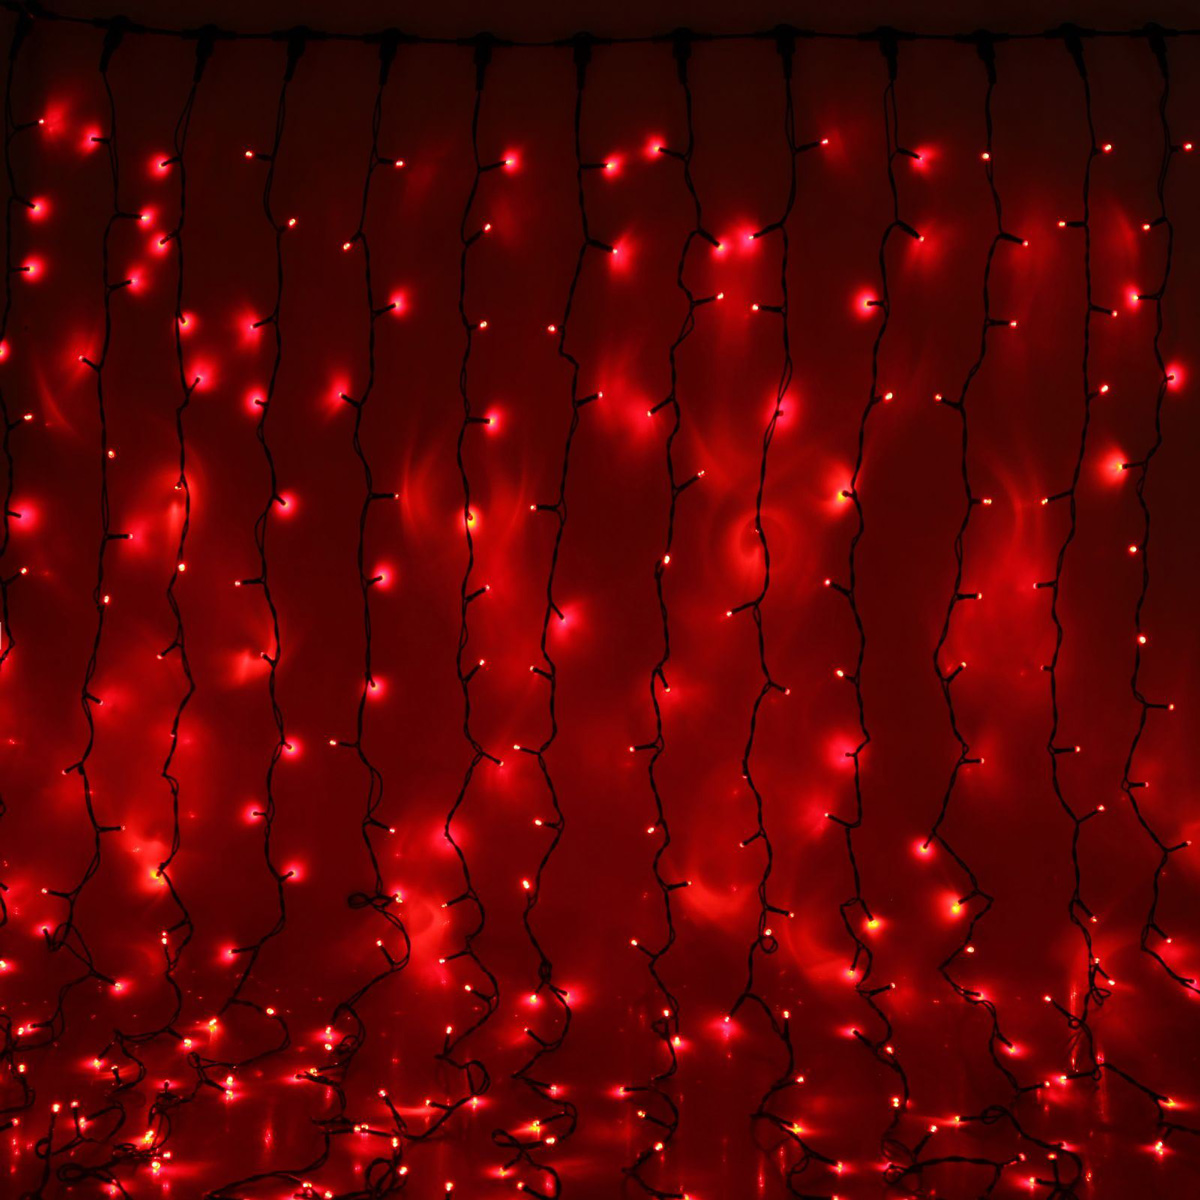 Гирлянда светодиодная Luazon Занавес, цвет: красный, уличная, 1440 ламп, 220 V, 2 х 6 м. 10802911080291Светодиодные гирлянды и ленты — это отличный вариант для новогоднего оформления интерьера или фасада. С их помощью помещение любого размера можно превратить в праздничный зал, а внешние элементы зданий, украшенные ими, мгновенно станут напоминать очертания сказочного дворца. Такие украшения создают ауру предвкушения чуда. Деревья, фасады, витрины, окна и арки будто специально созданы, чтобы вы украсили их светящимися нитями.